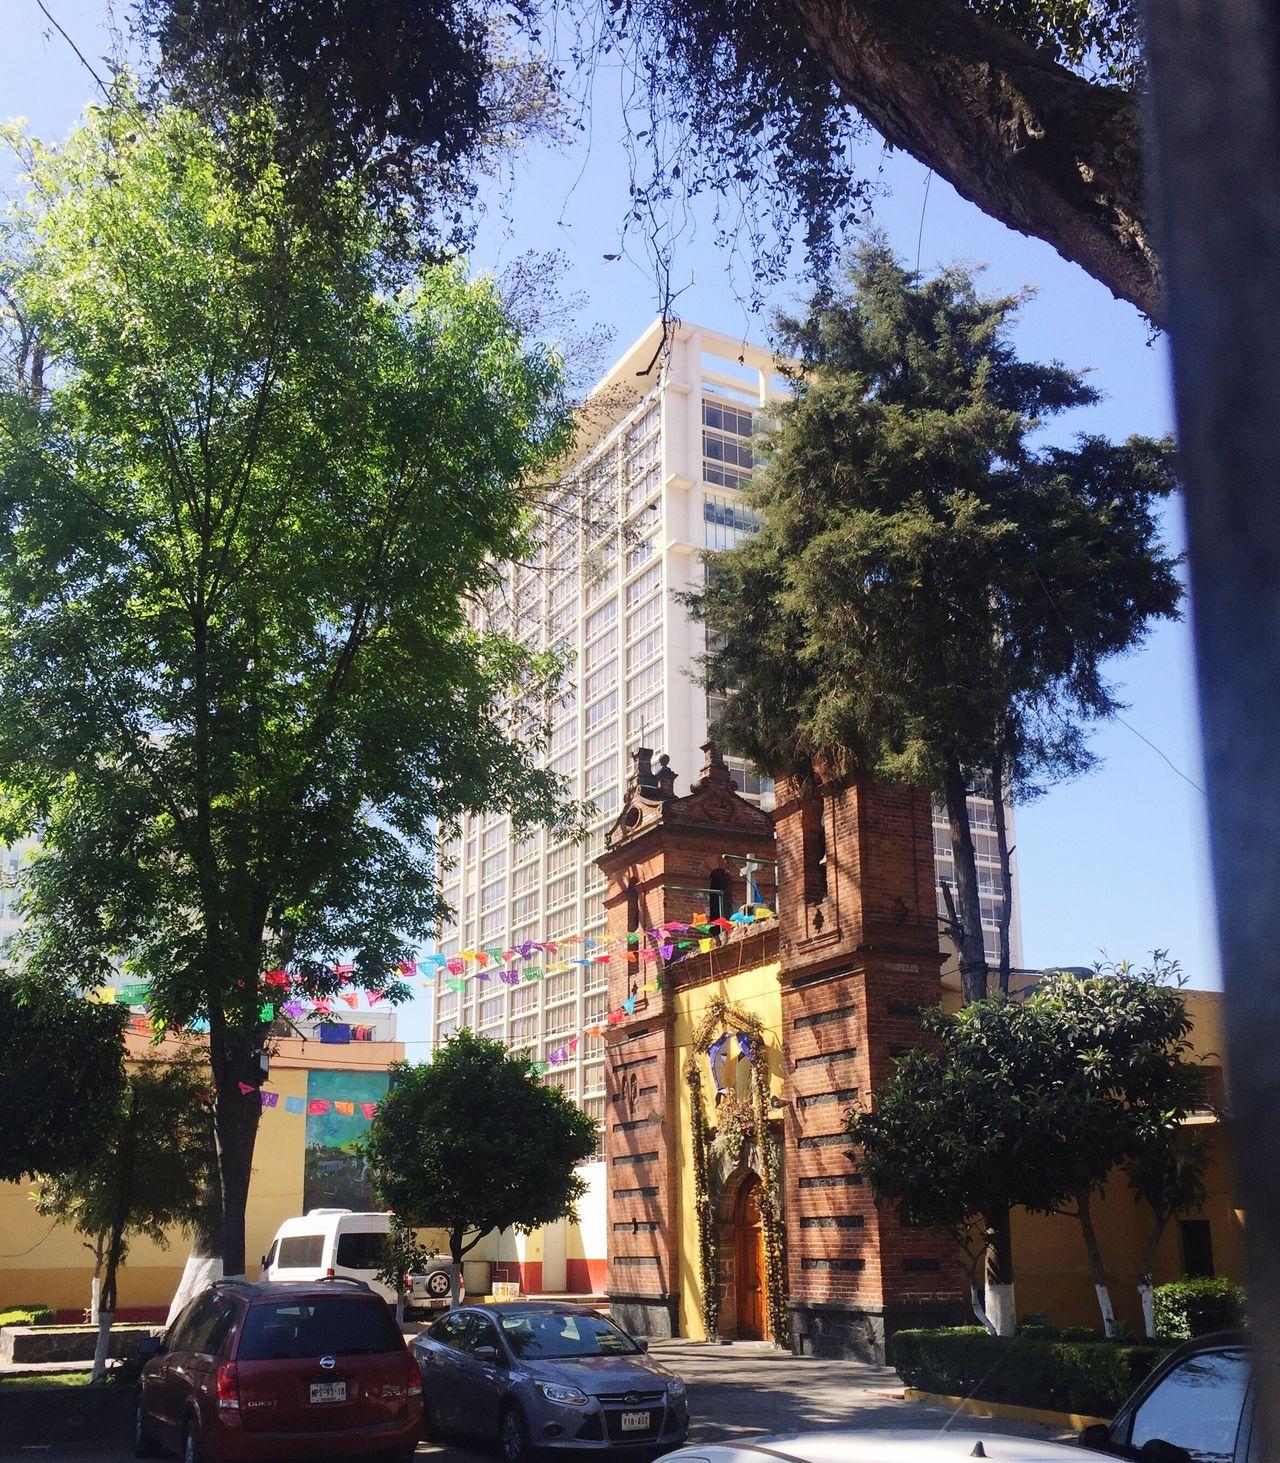 Mexico Cdmx Mexico City Mexico_maravilloso Mexicocity  Mexico, D.F. Mexicanplaces First Eyeem Photo